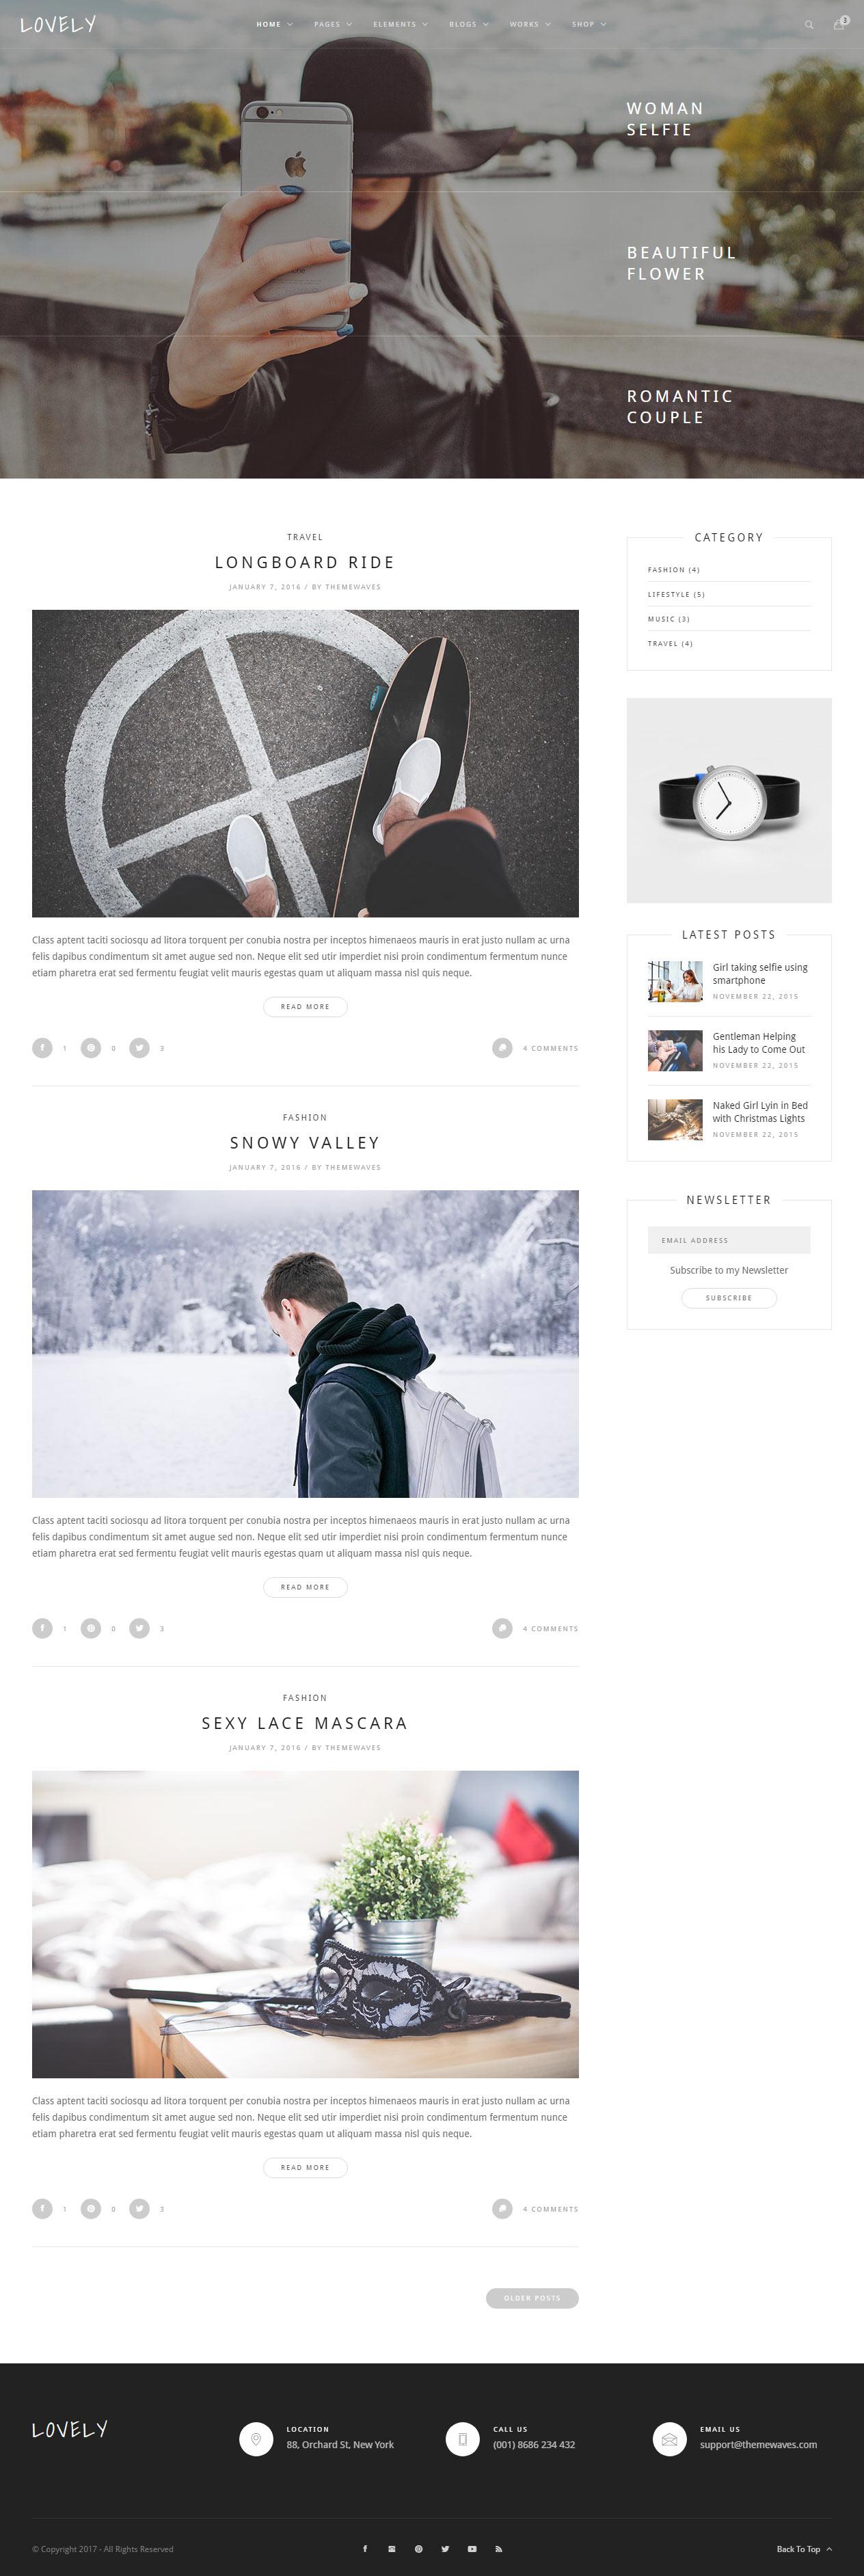 Schön Html Blog Vorlagen Fotos - Beispiel Business Lebenslauf Ideen ...